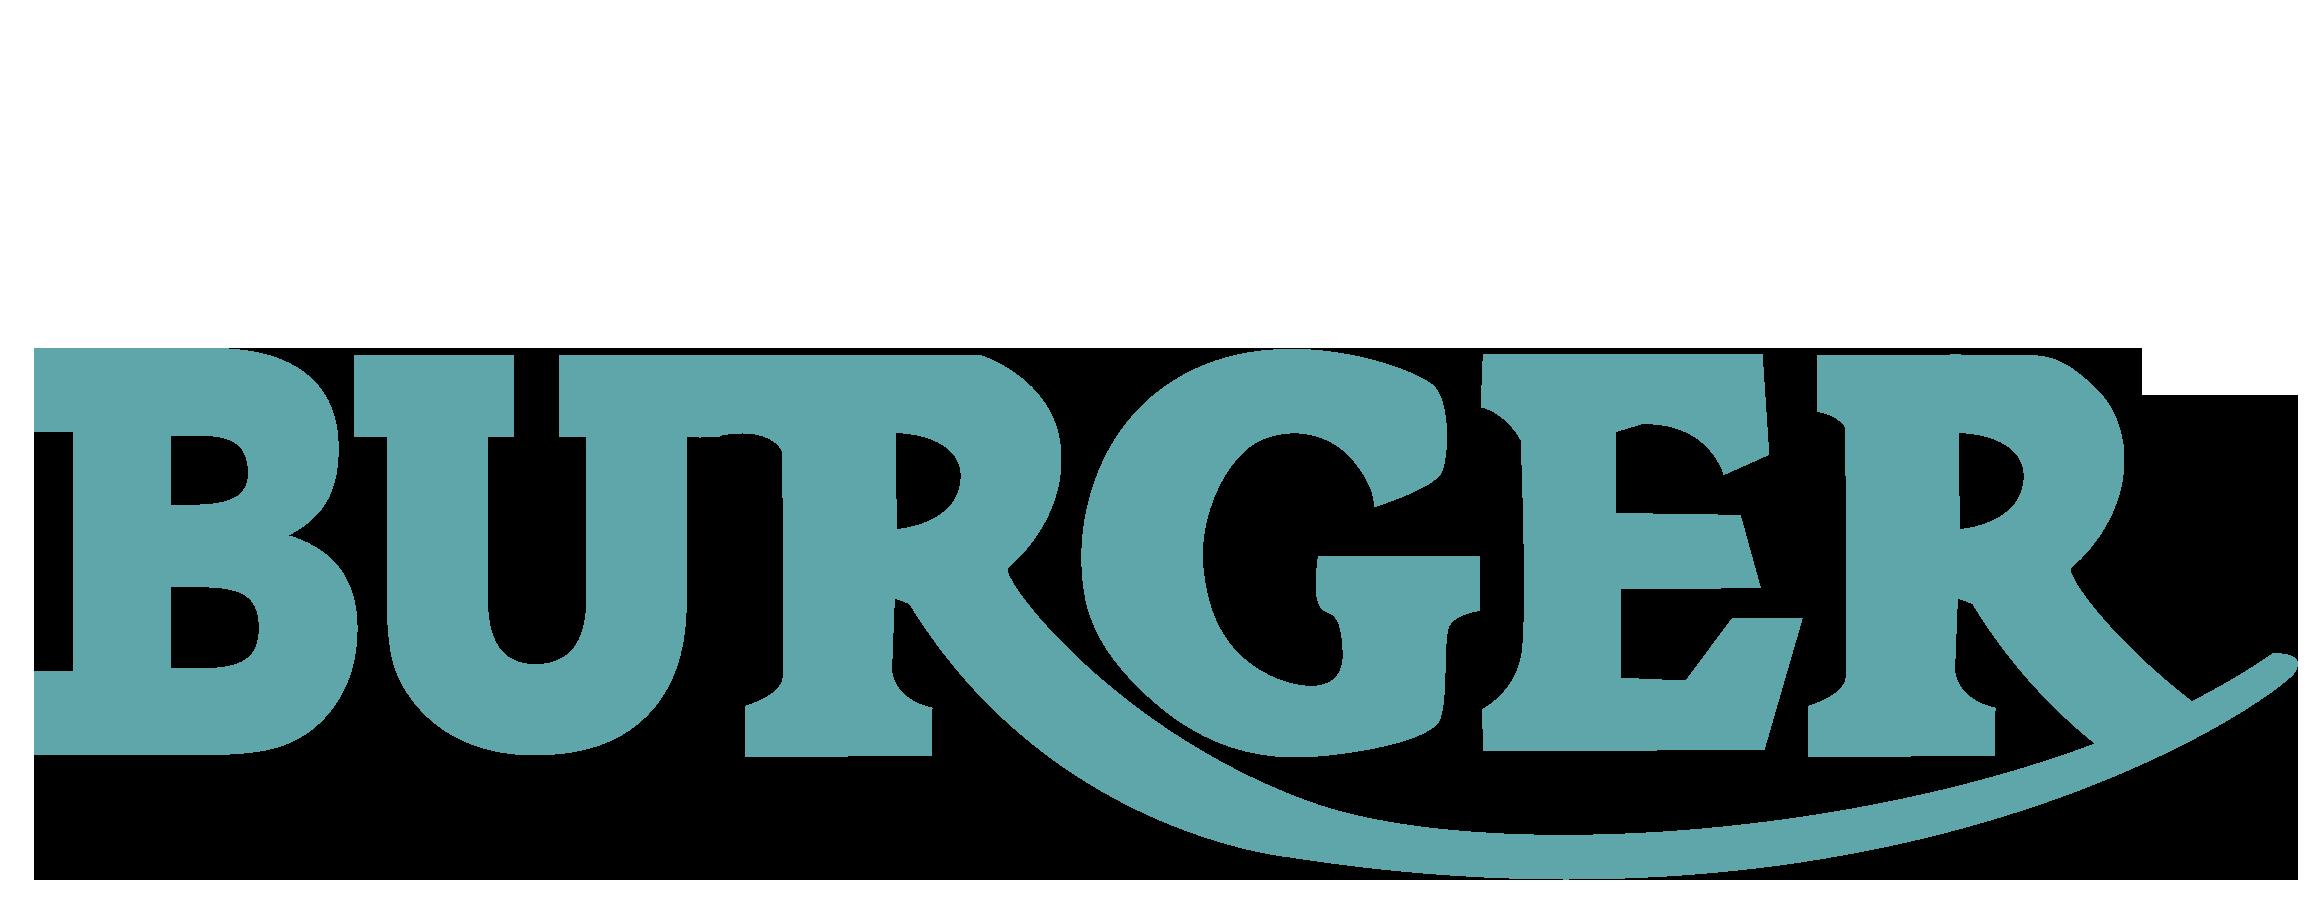 baches burger logo r blanc